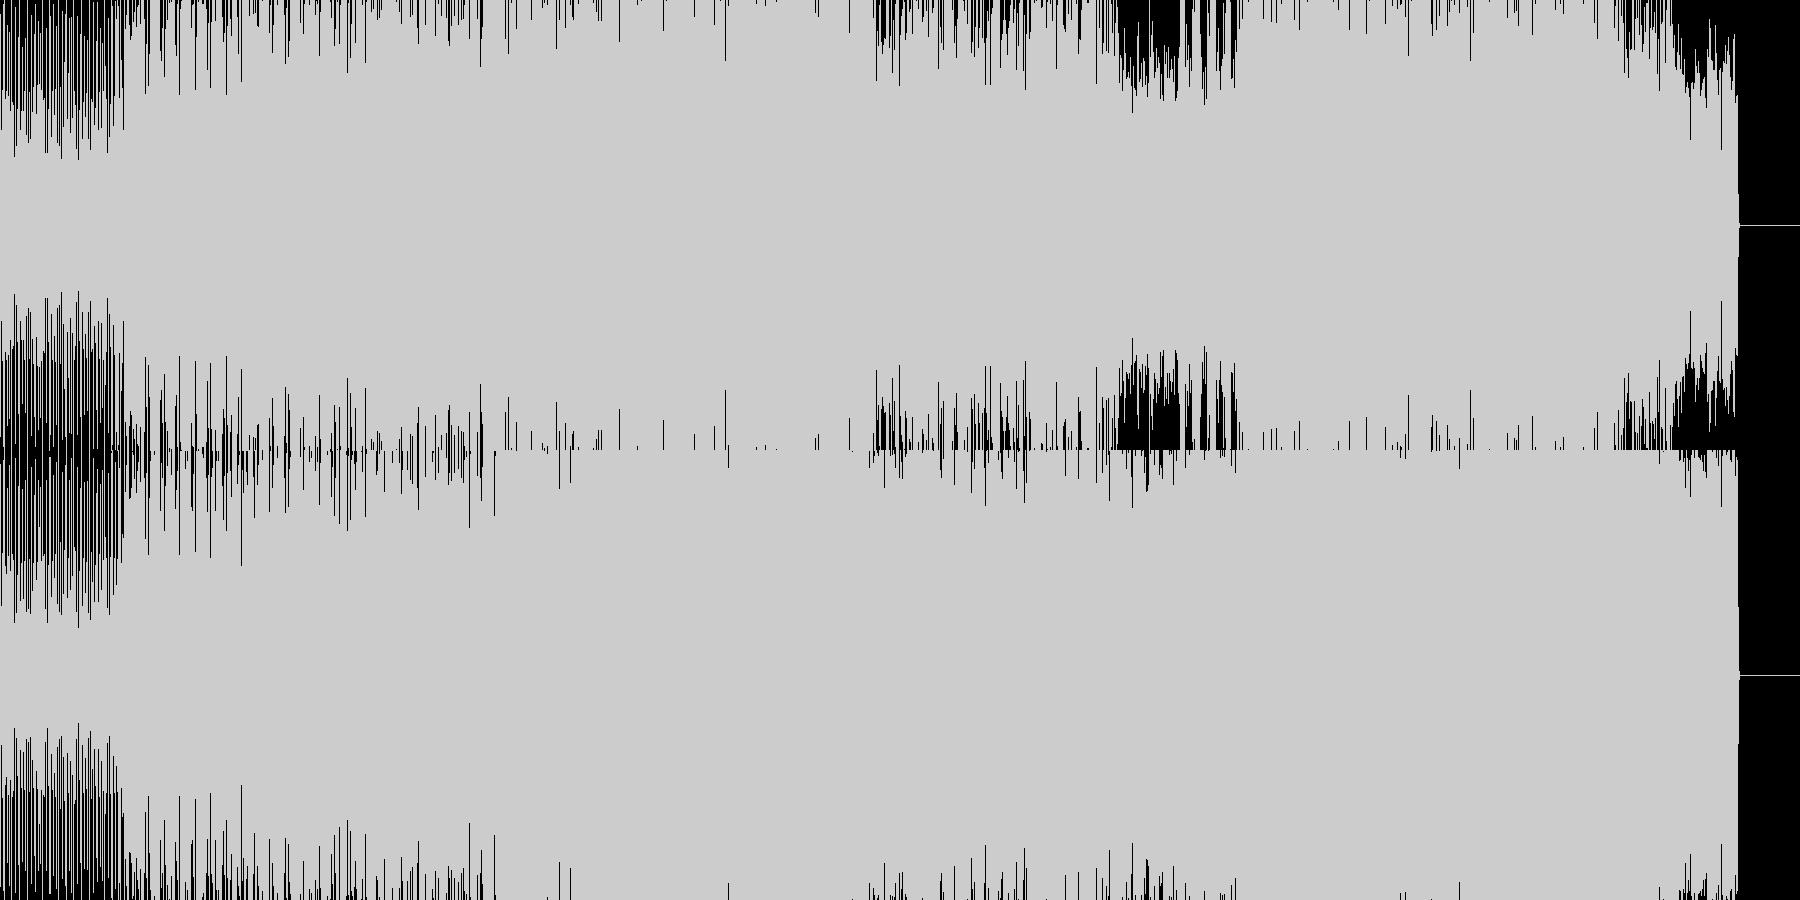 アッパーなビート系BGMです。の未再生の波形